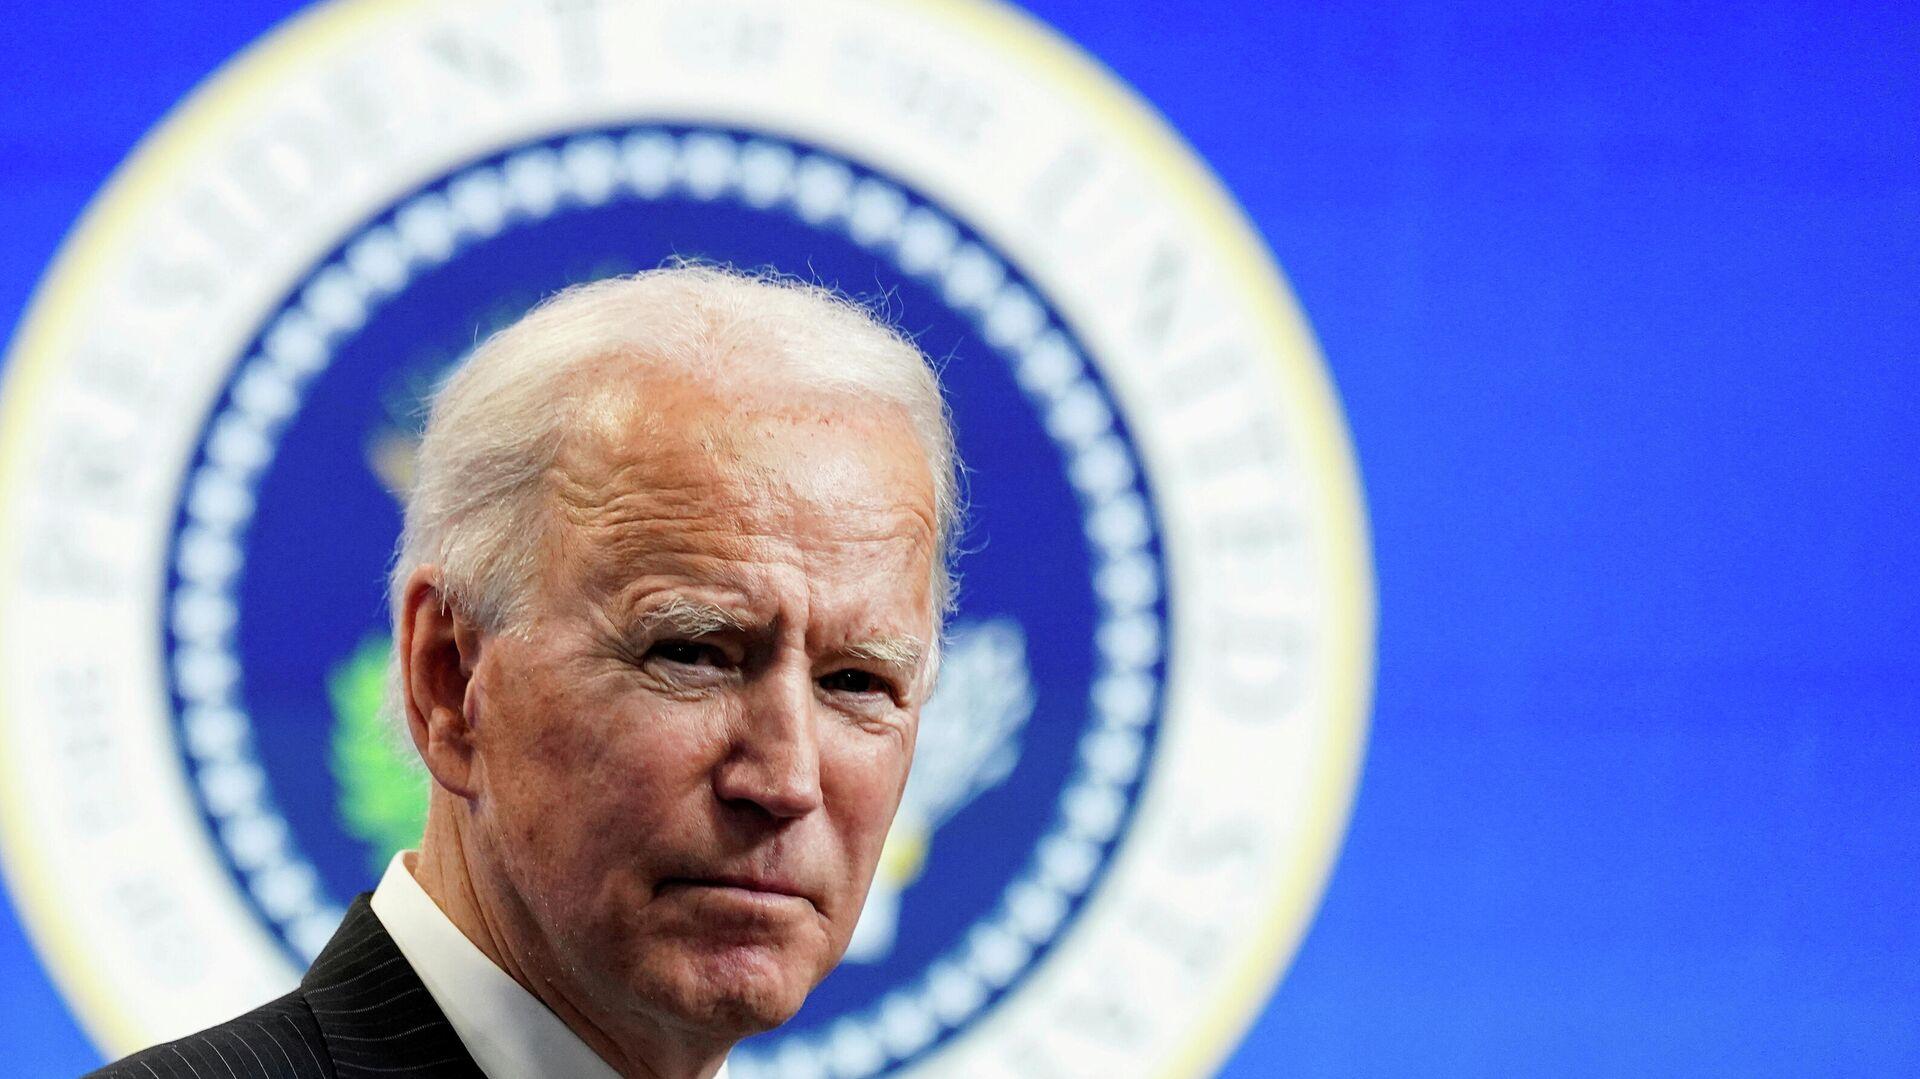 Joe Biden, el presidente de EEUU - Sputnik Mundo, 1920, 16.04.2021